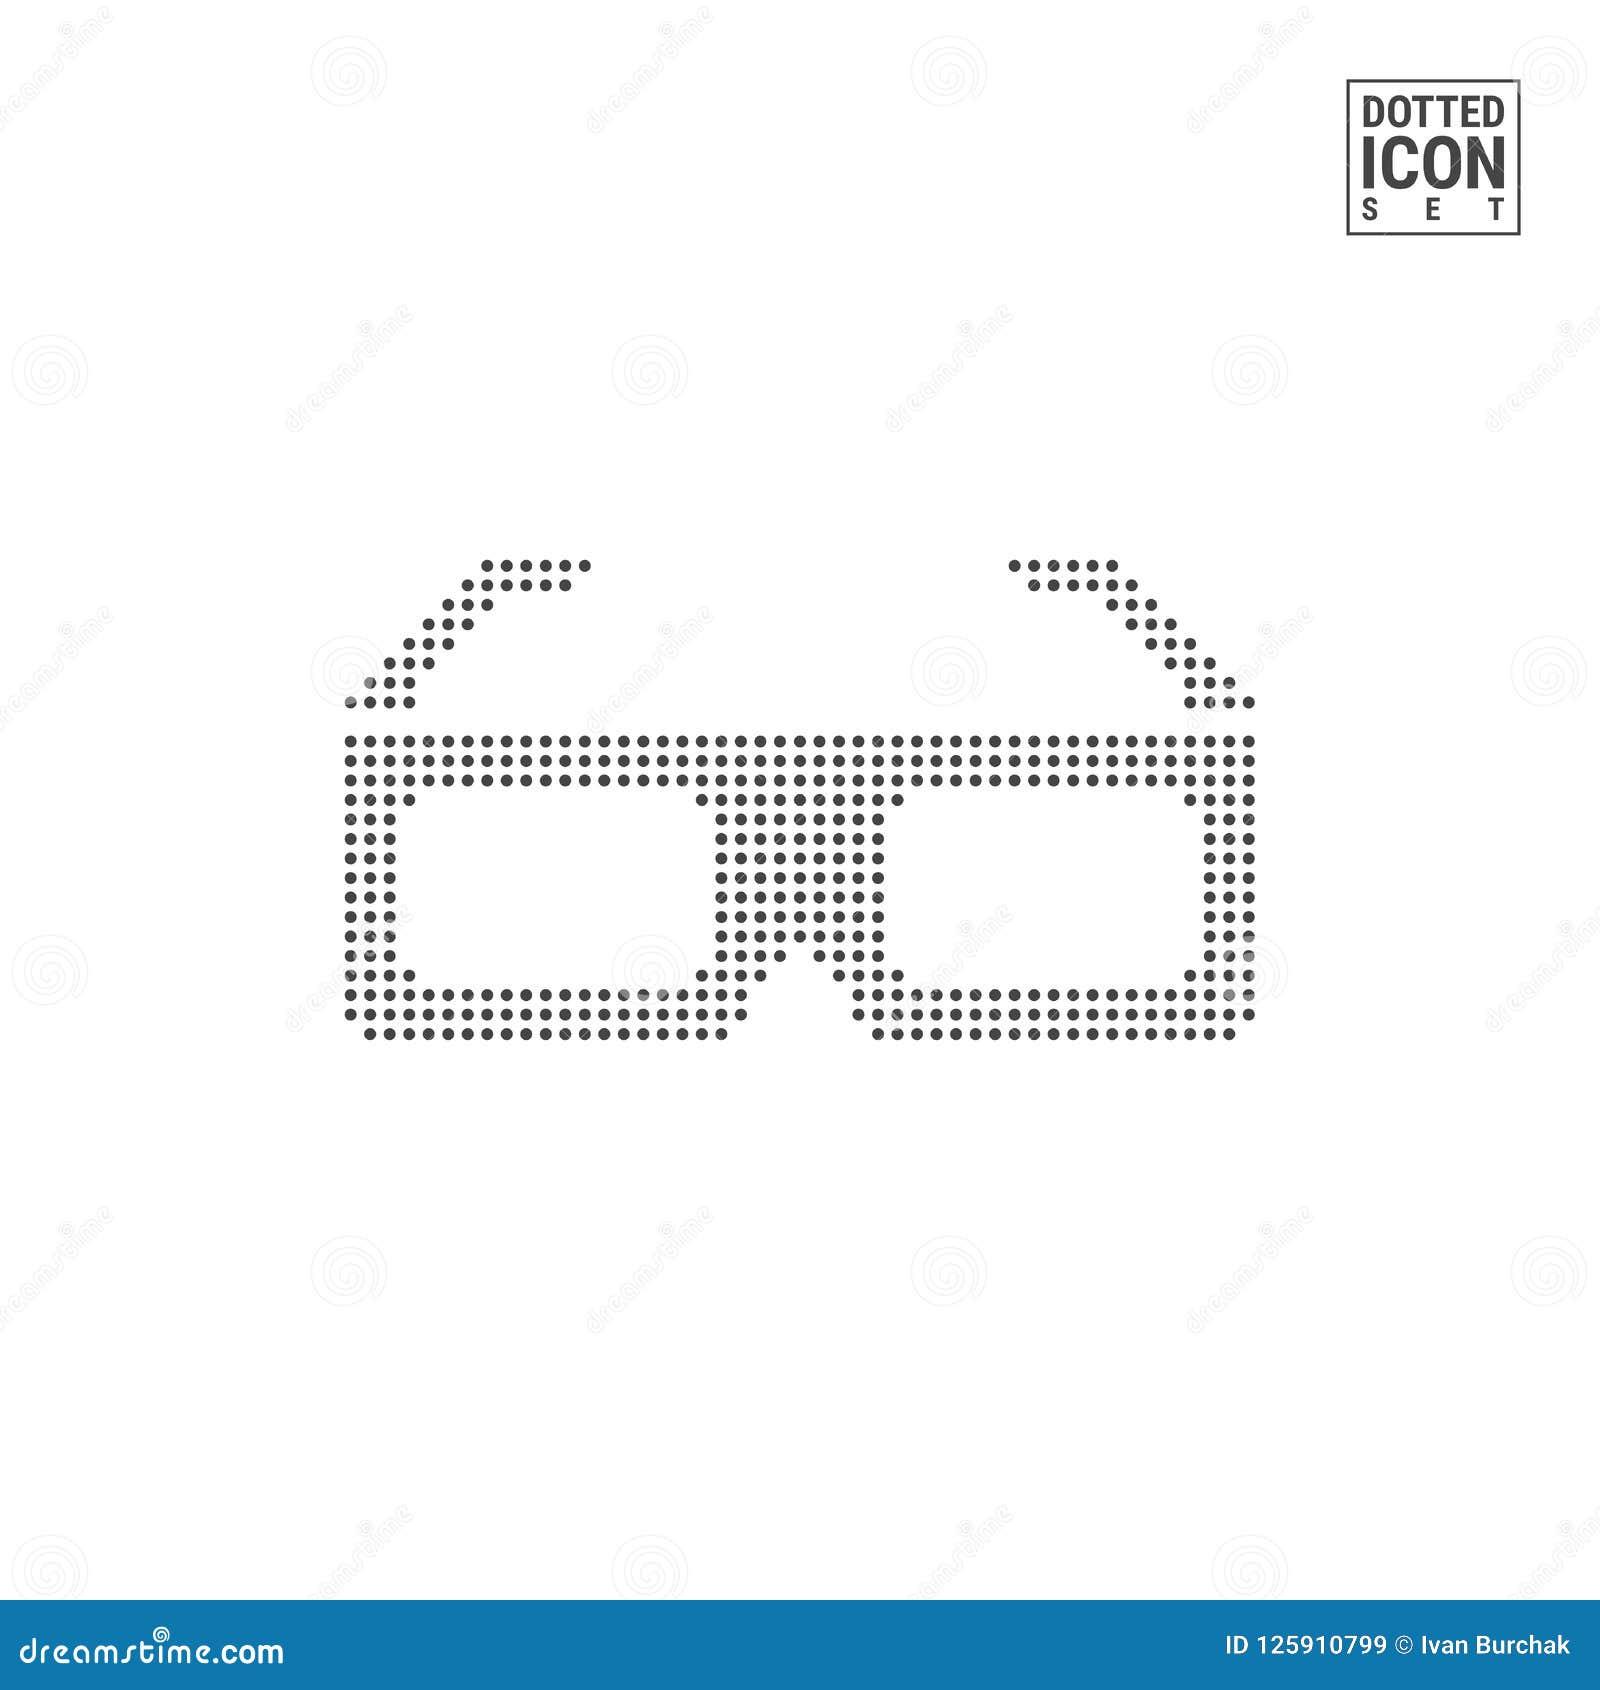 3d vetri Dot Pattern Icon Icona punteggiata vetri del cinema isolata su bianco Modello del fondo o di progettazione di vettore